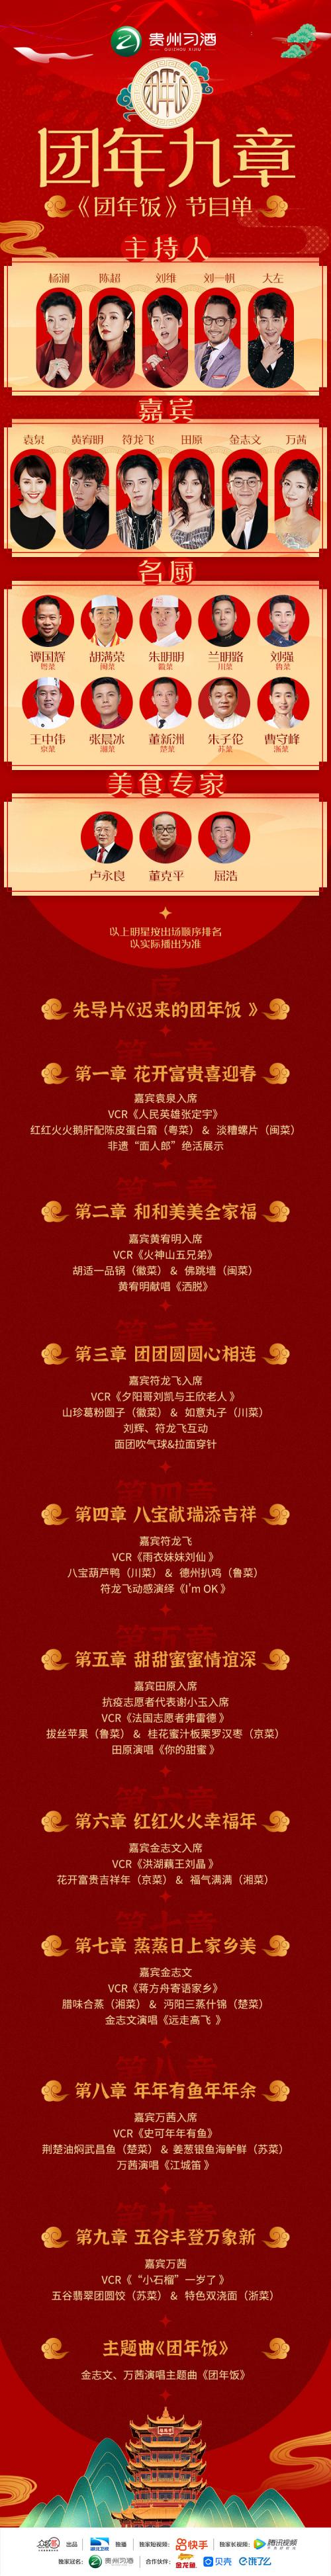 十大菜系顶级厨师'掌勺'2021湖北《团年饭》 杨澜袁泉万茜带你感受家乡味道